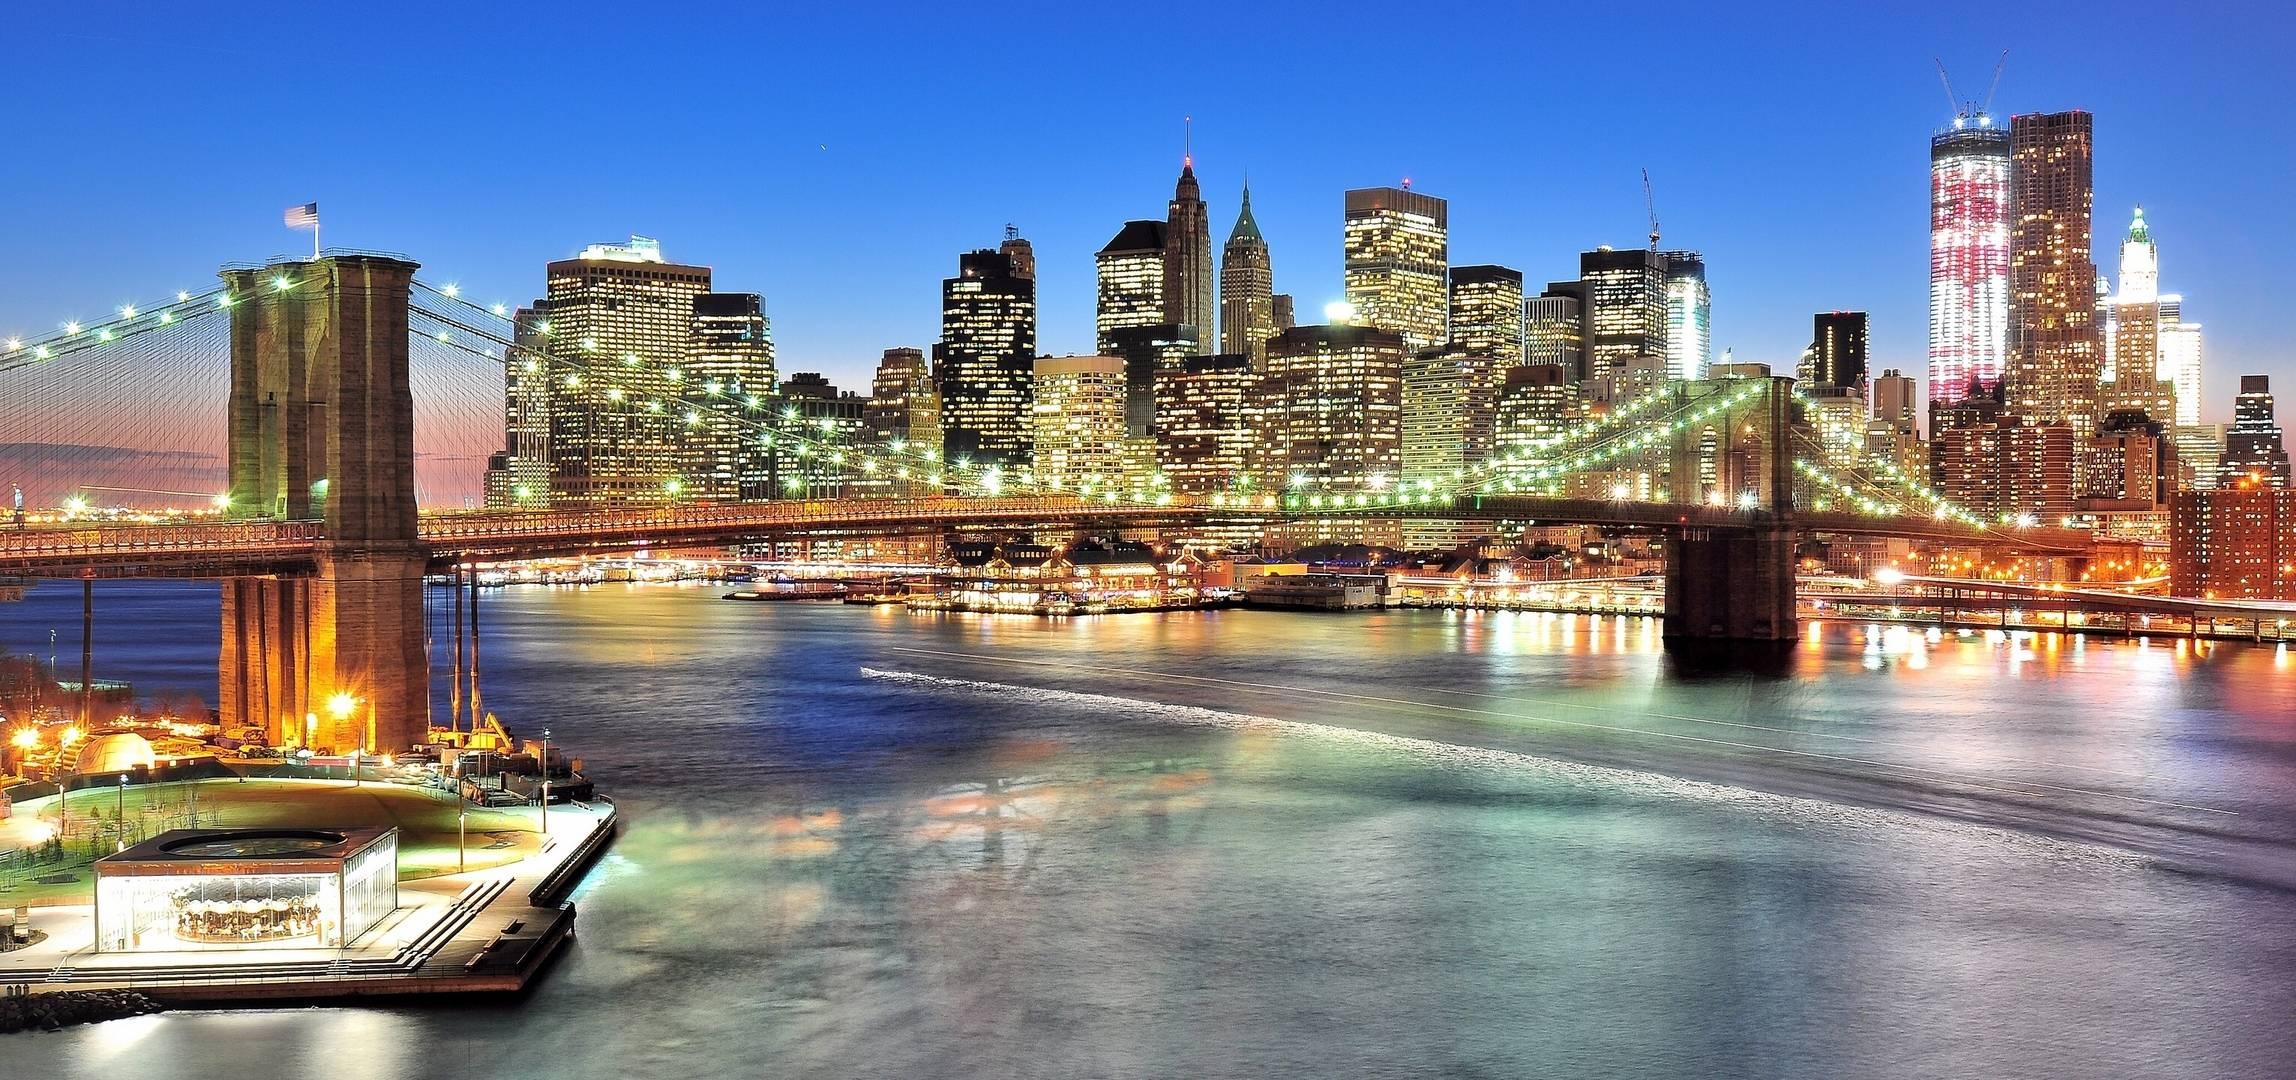 Бруклинский Мост, США, панорама